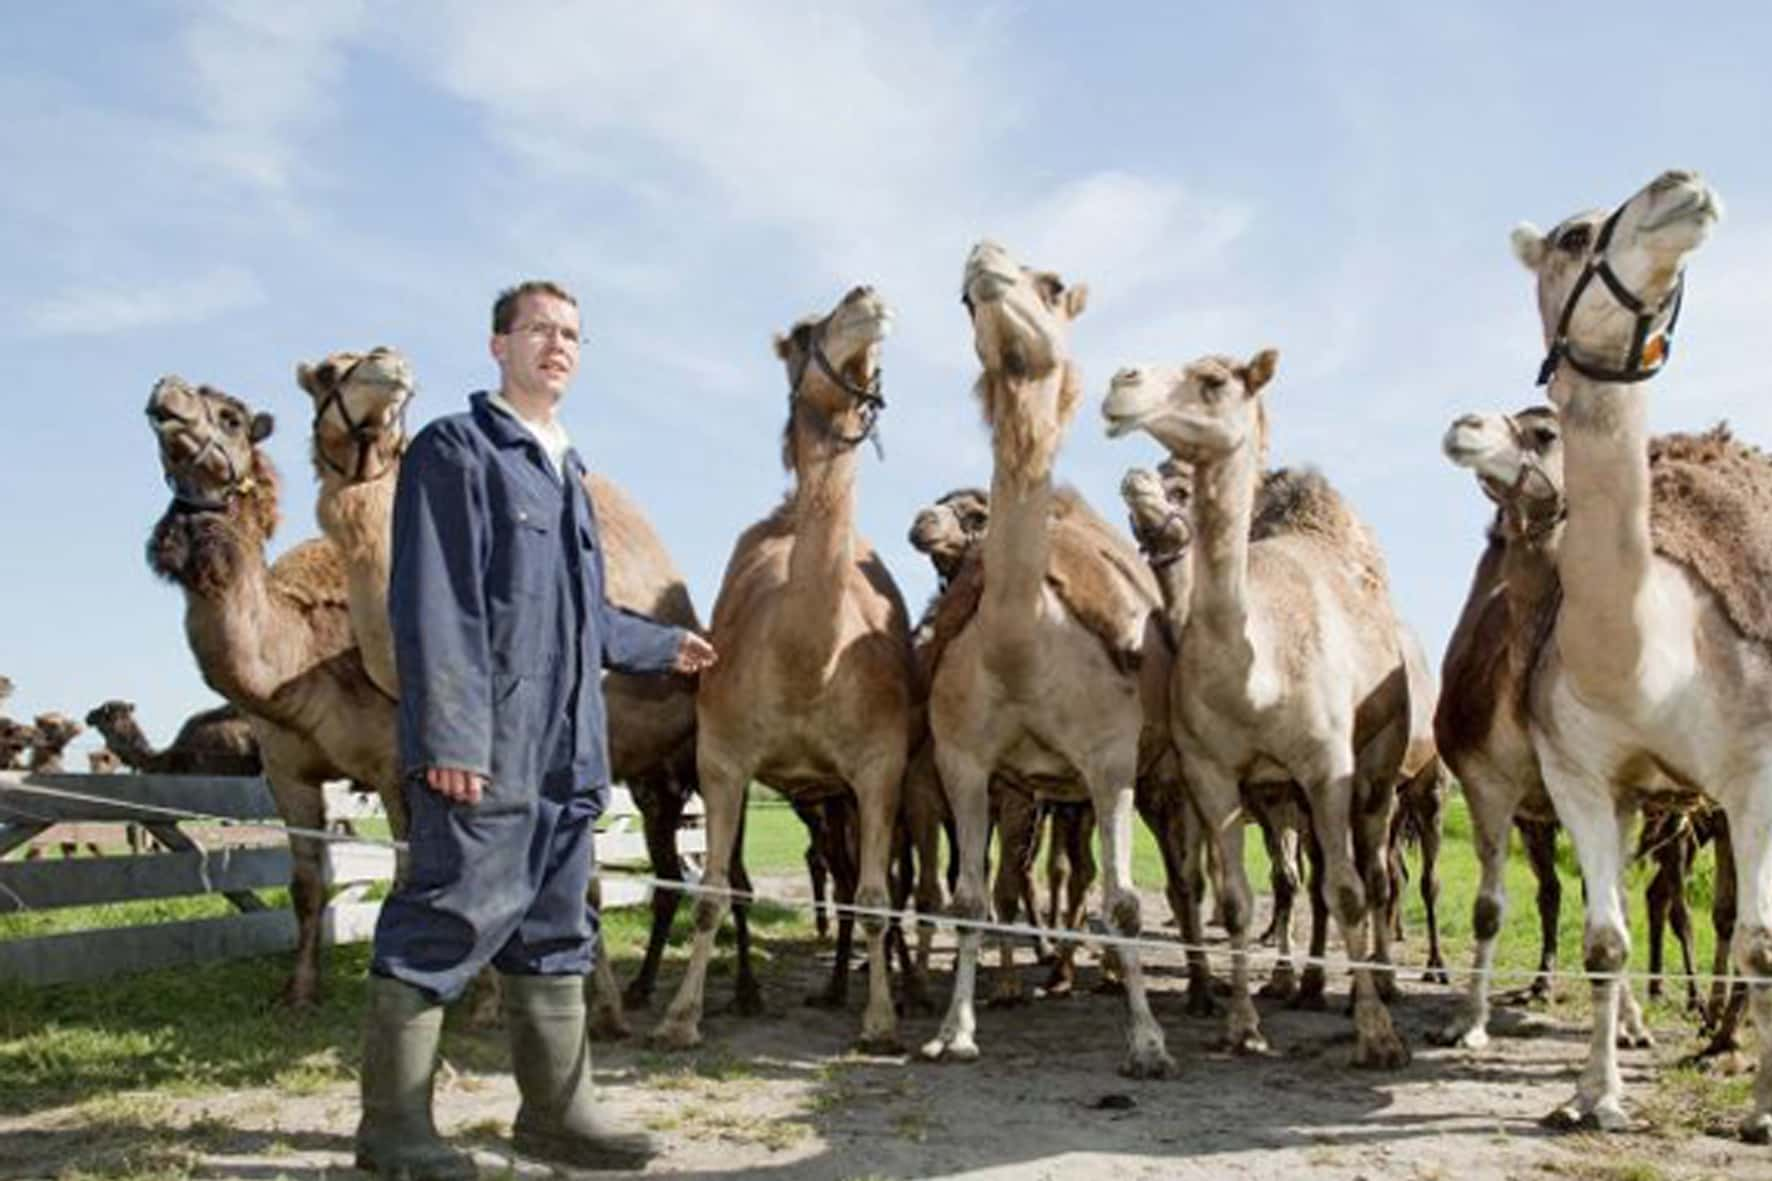 Kamelenmelkerij Smits